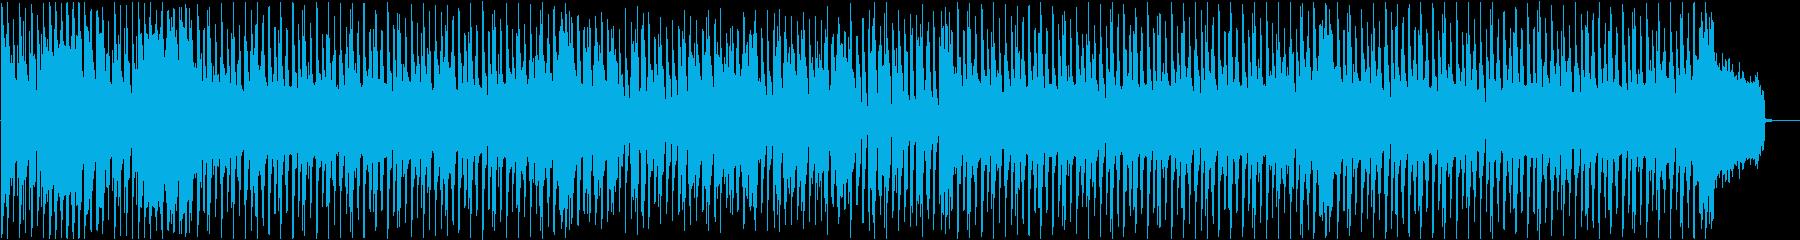 楽しい・ポップ・ハッピーの再生済みの波形